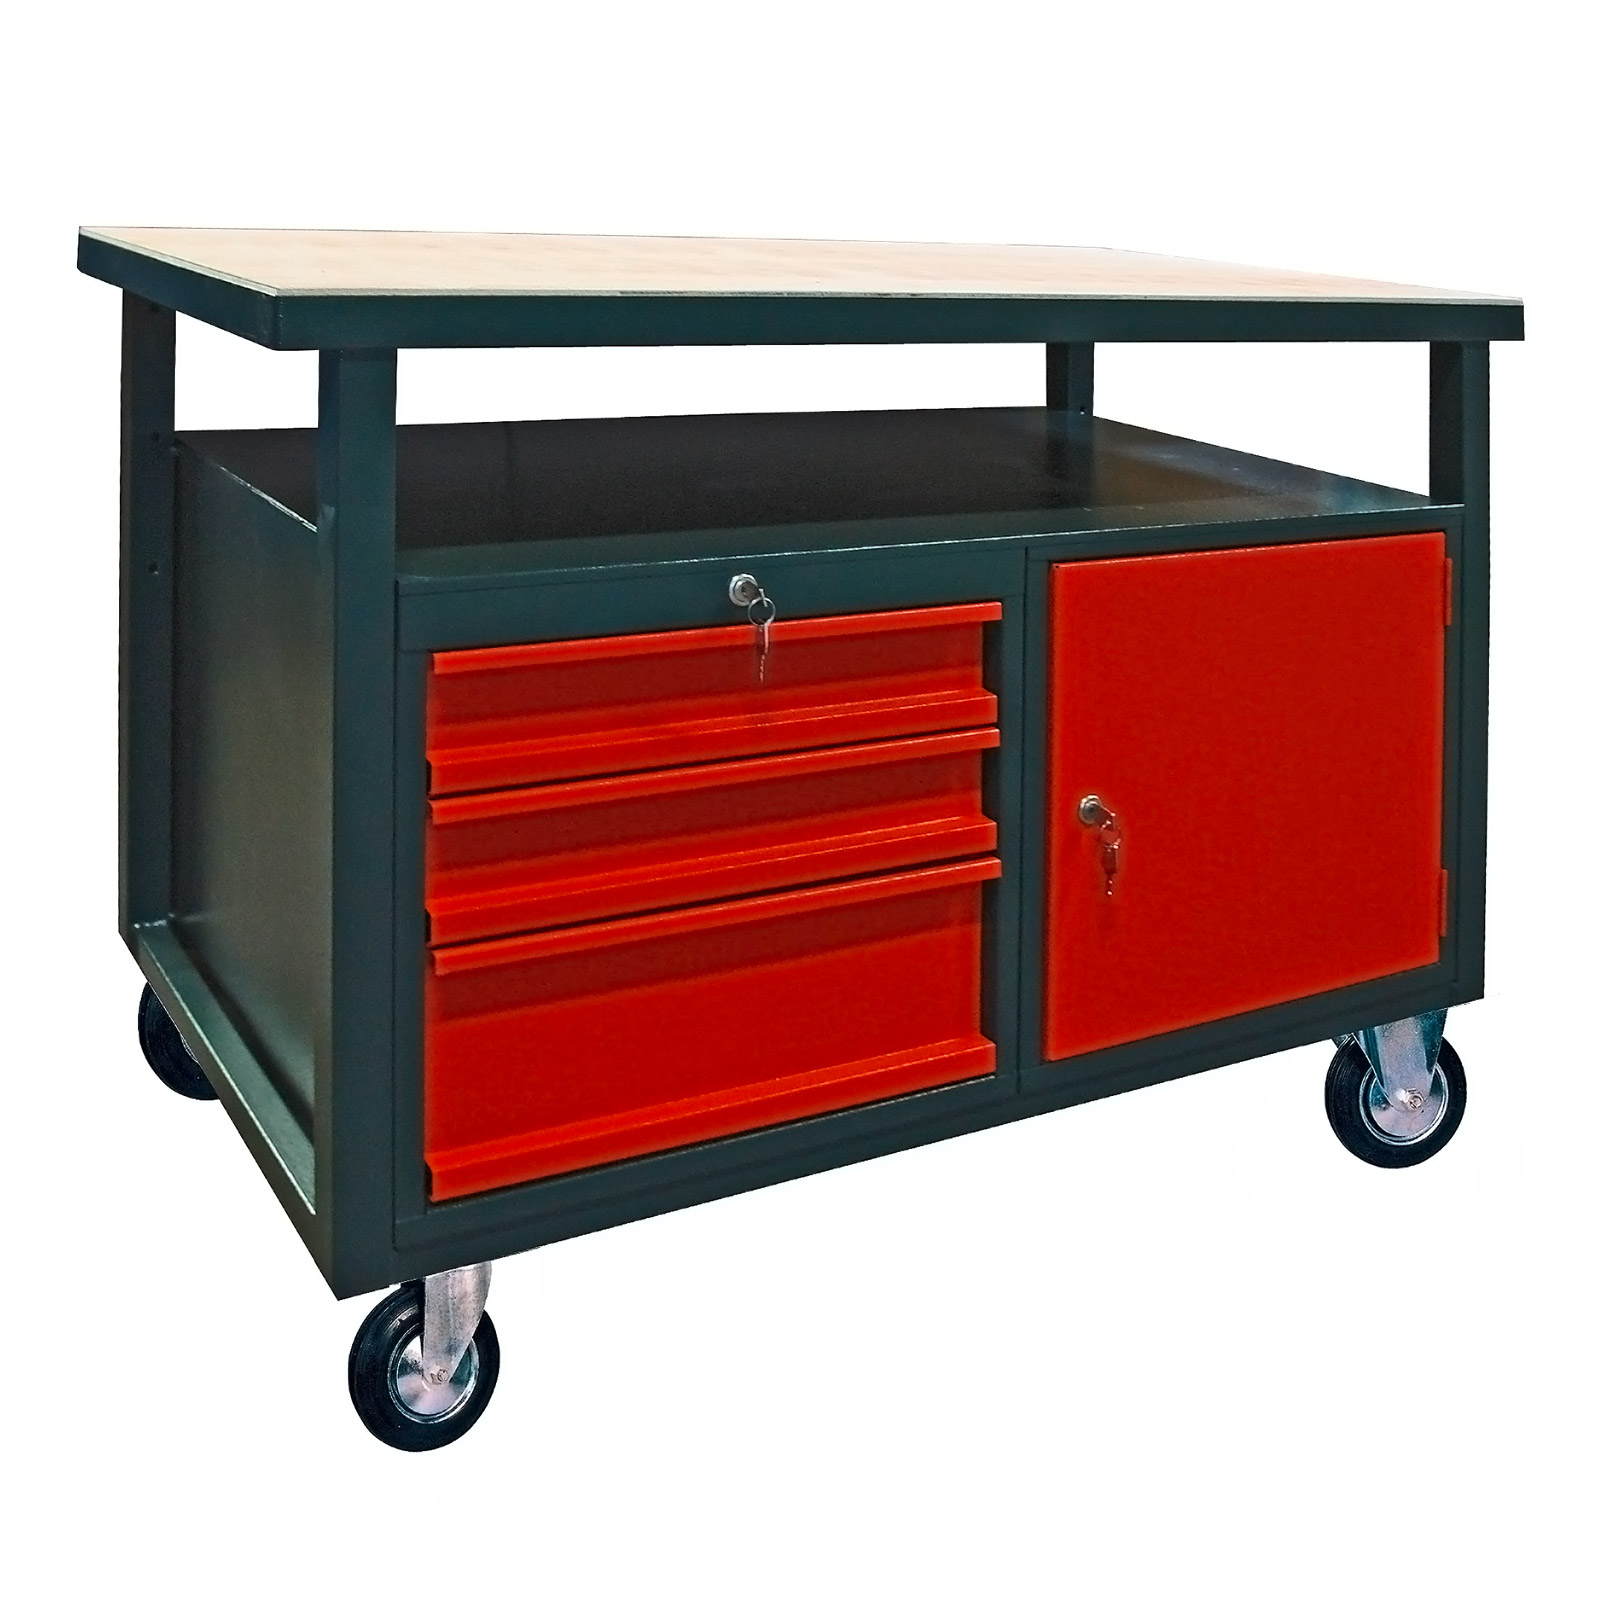 werkbank werktisch arbeitstisch schublade fahrbar 40911 ebay. Black Bedroom Furniture Sets. Home Design Ideas